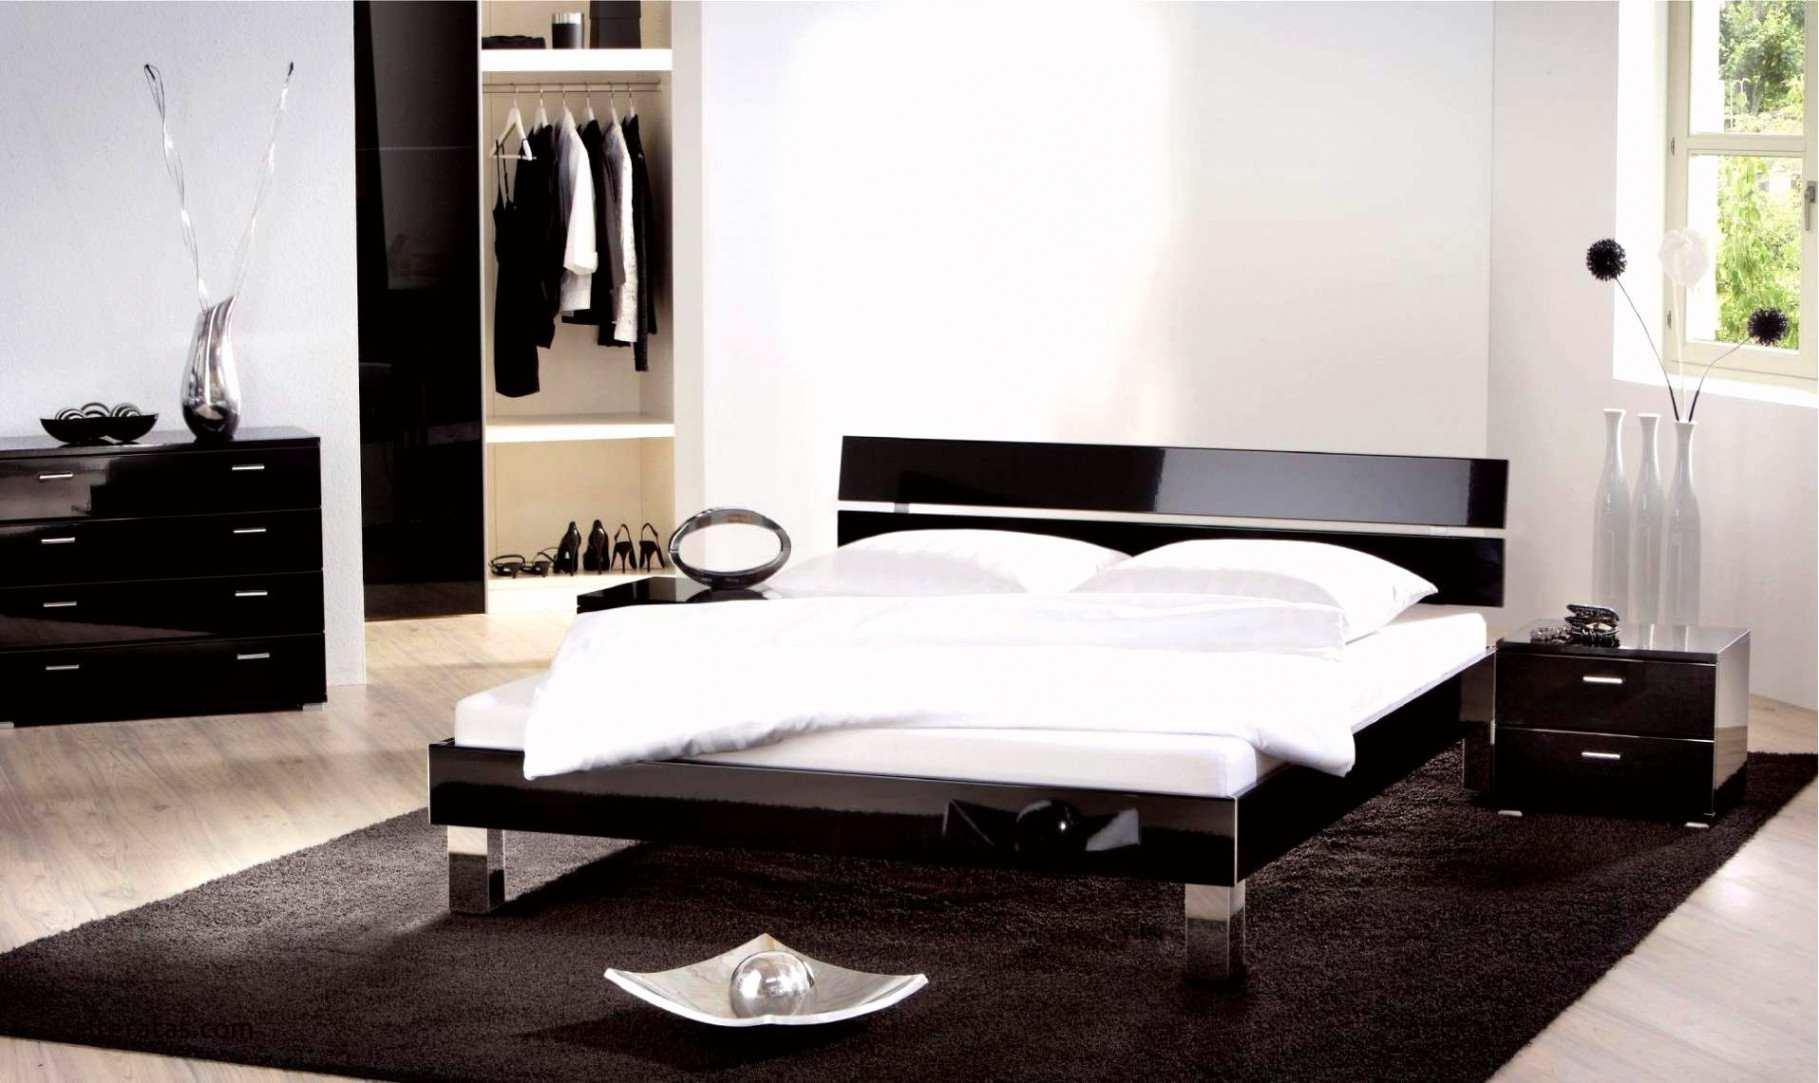 Full Size of Palettenbett Ikea 140x200 Küche Kosten Sofa Mit Schlaffunktion Betten 160x200 Kaufen Bei Miniküche Modulküche Wohnzimmer Palettenbett Ikea